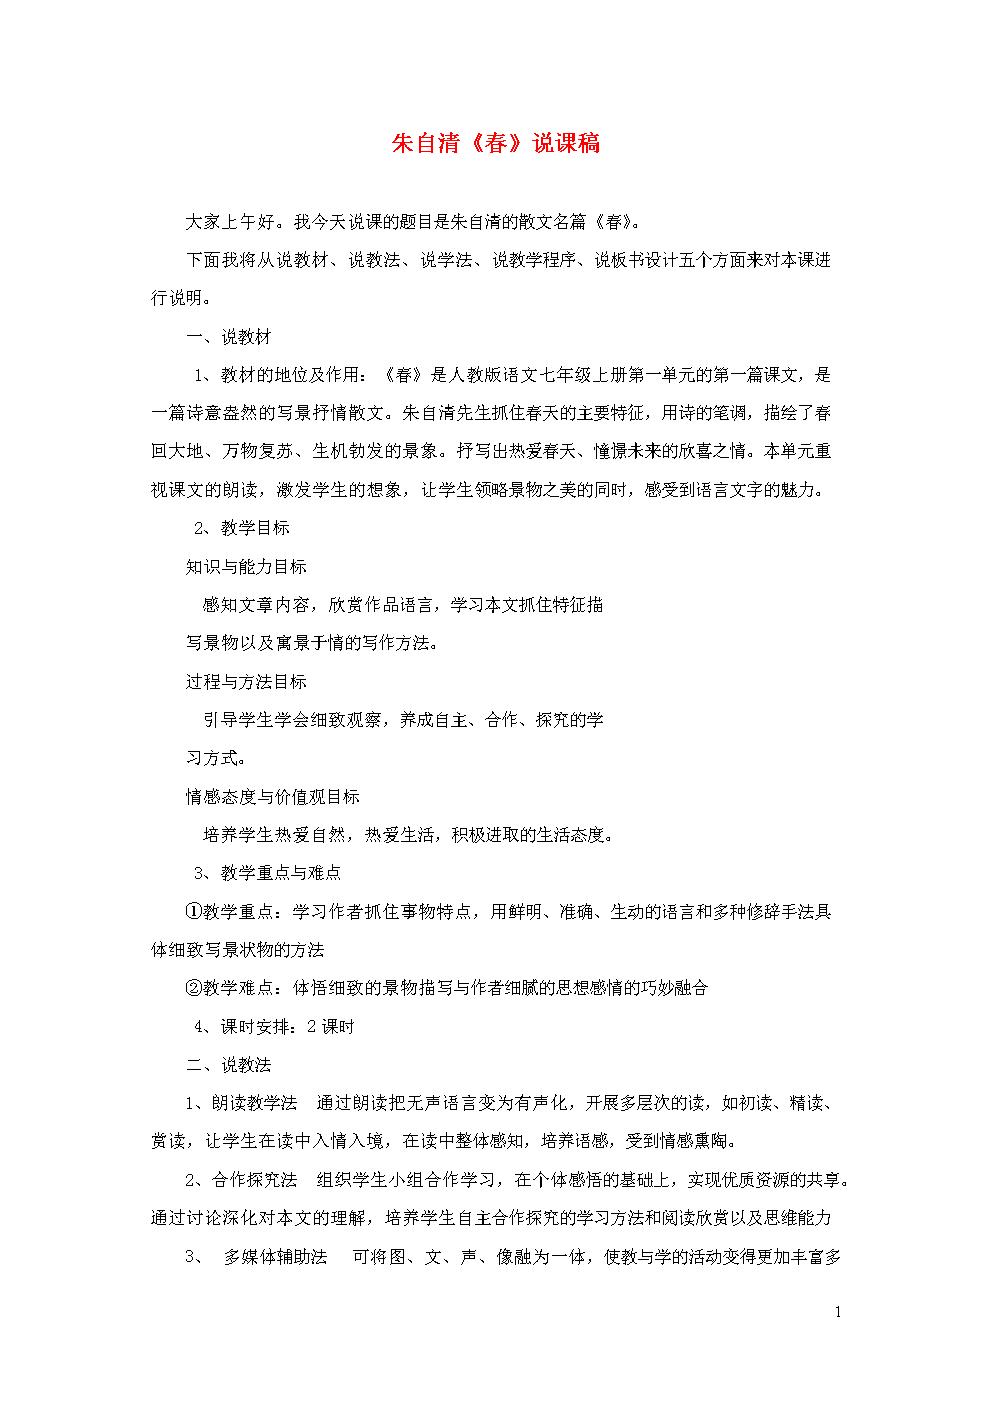 新人教版七年级语文上册第一单元1春说课稿 .doc